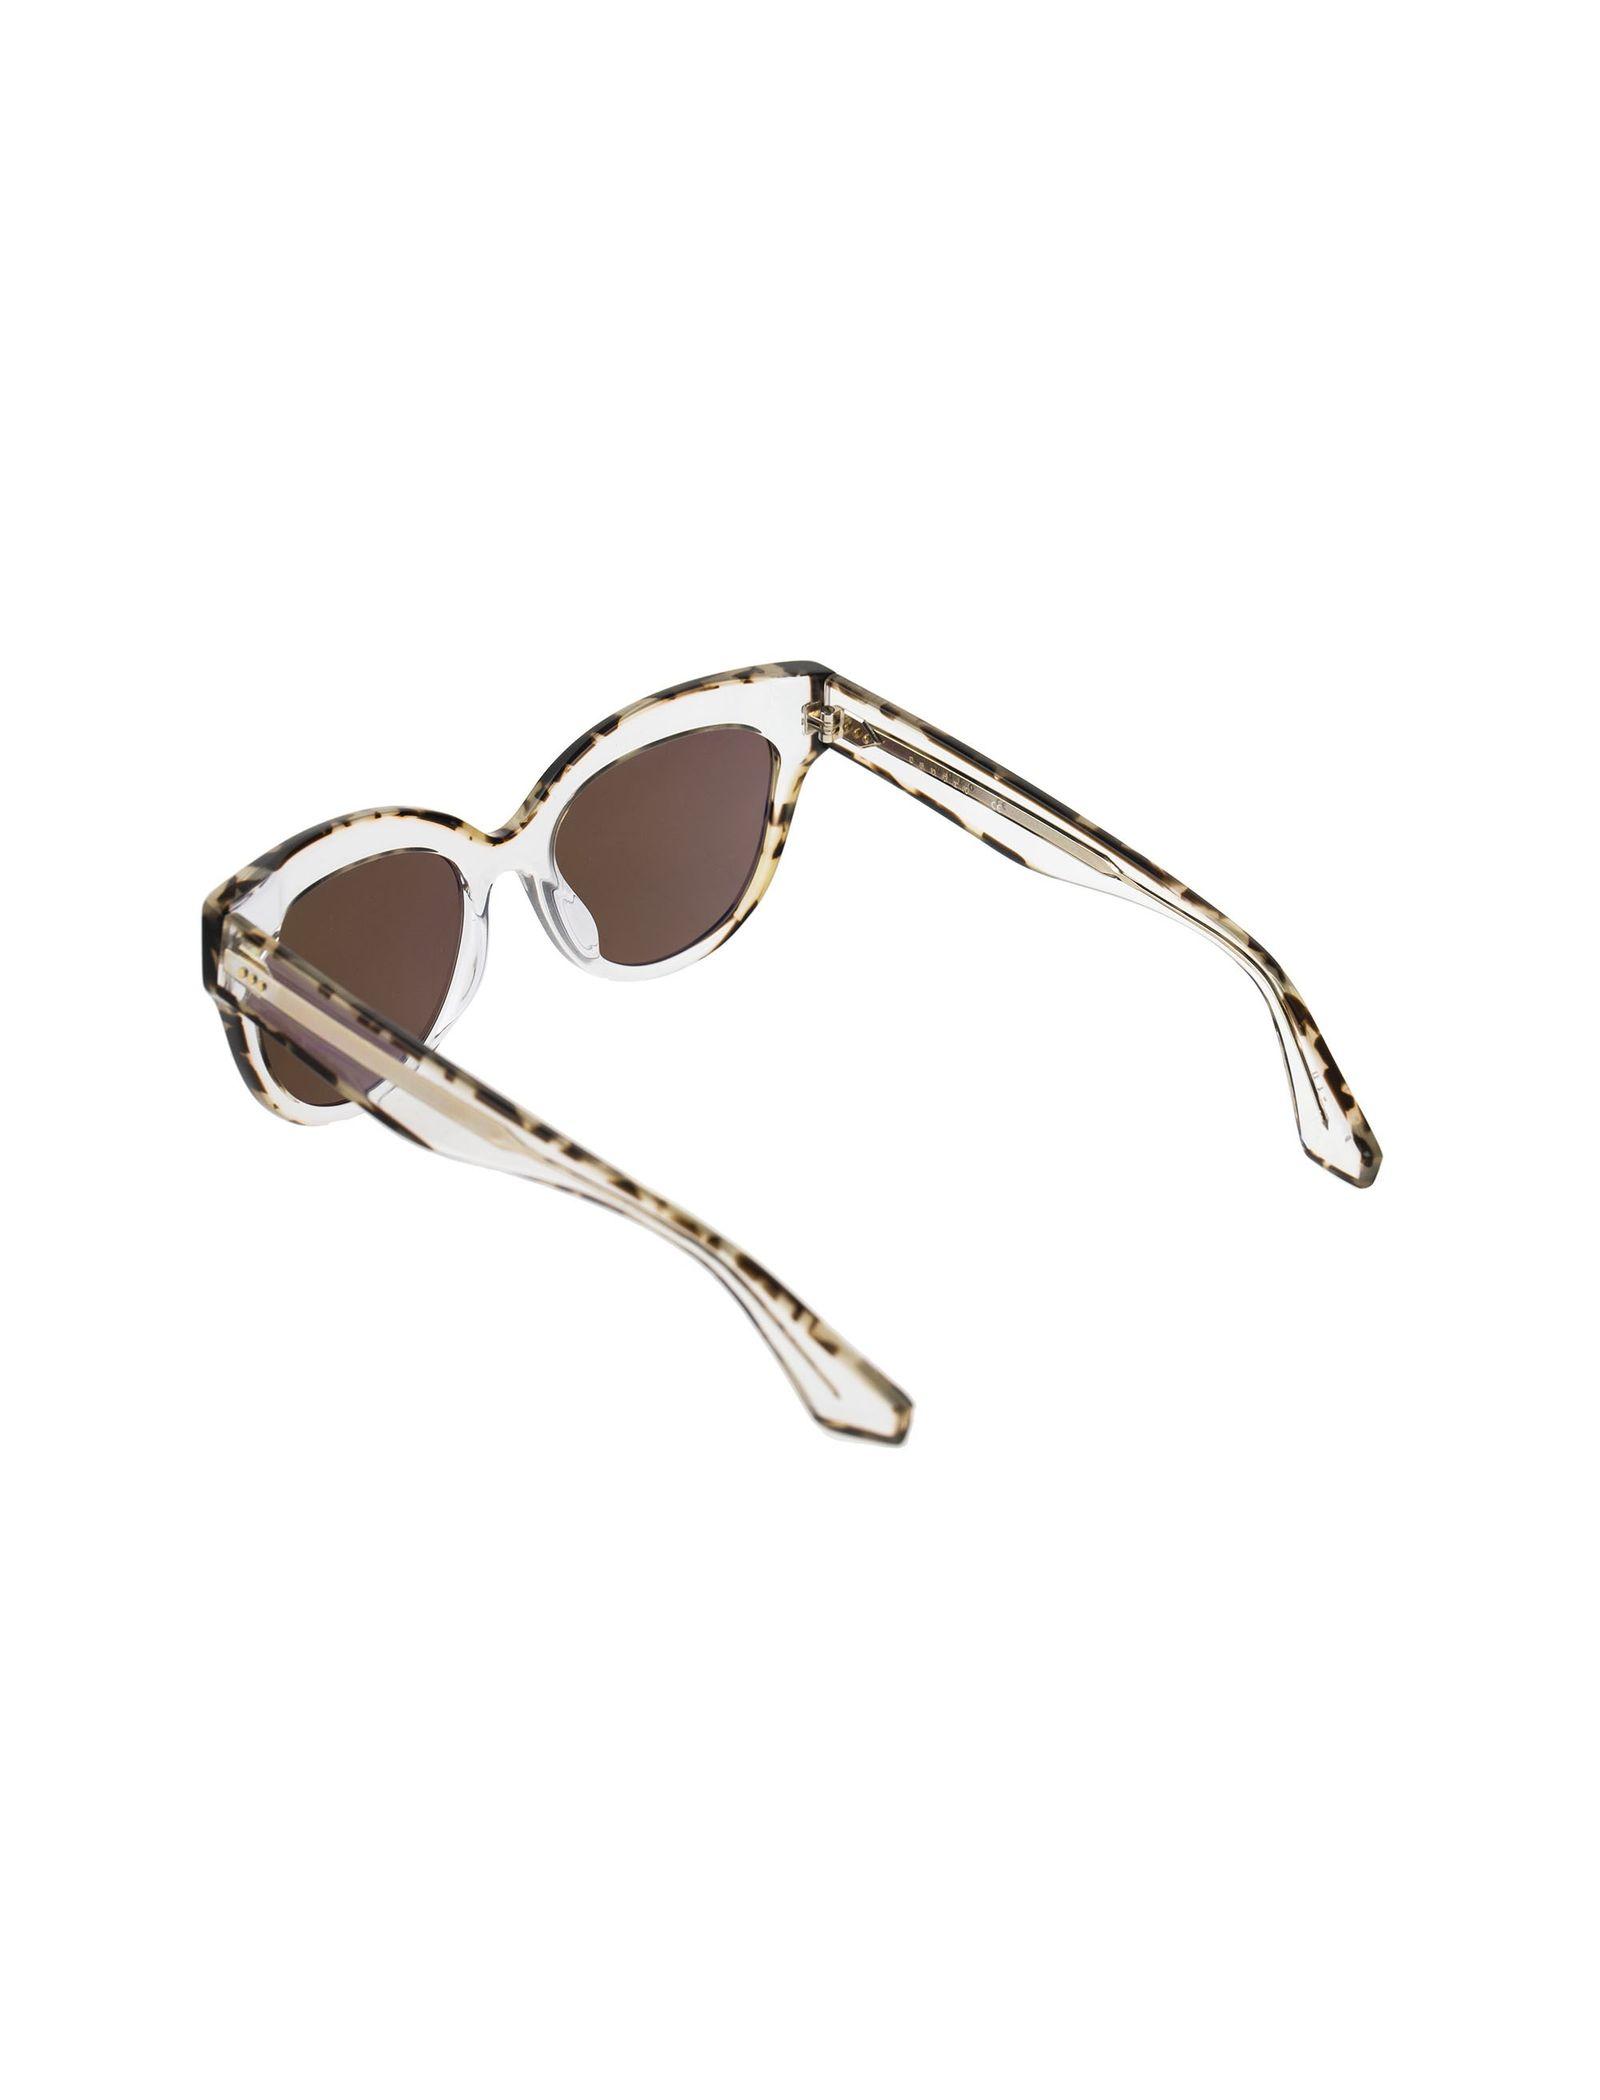 عینک آفتابی گربه ای زنانه - ساندرو - بي رنگ - 4